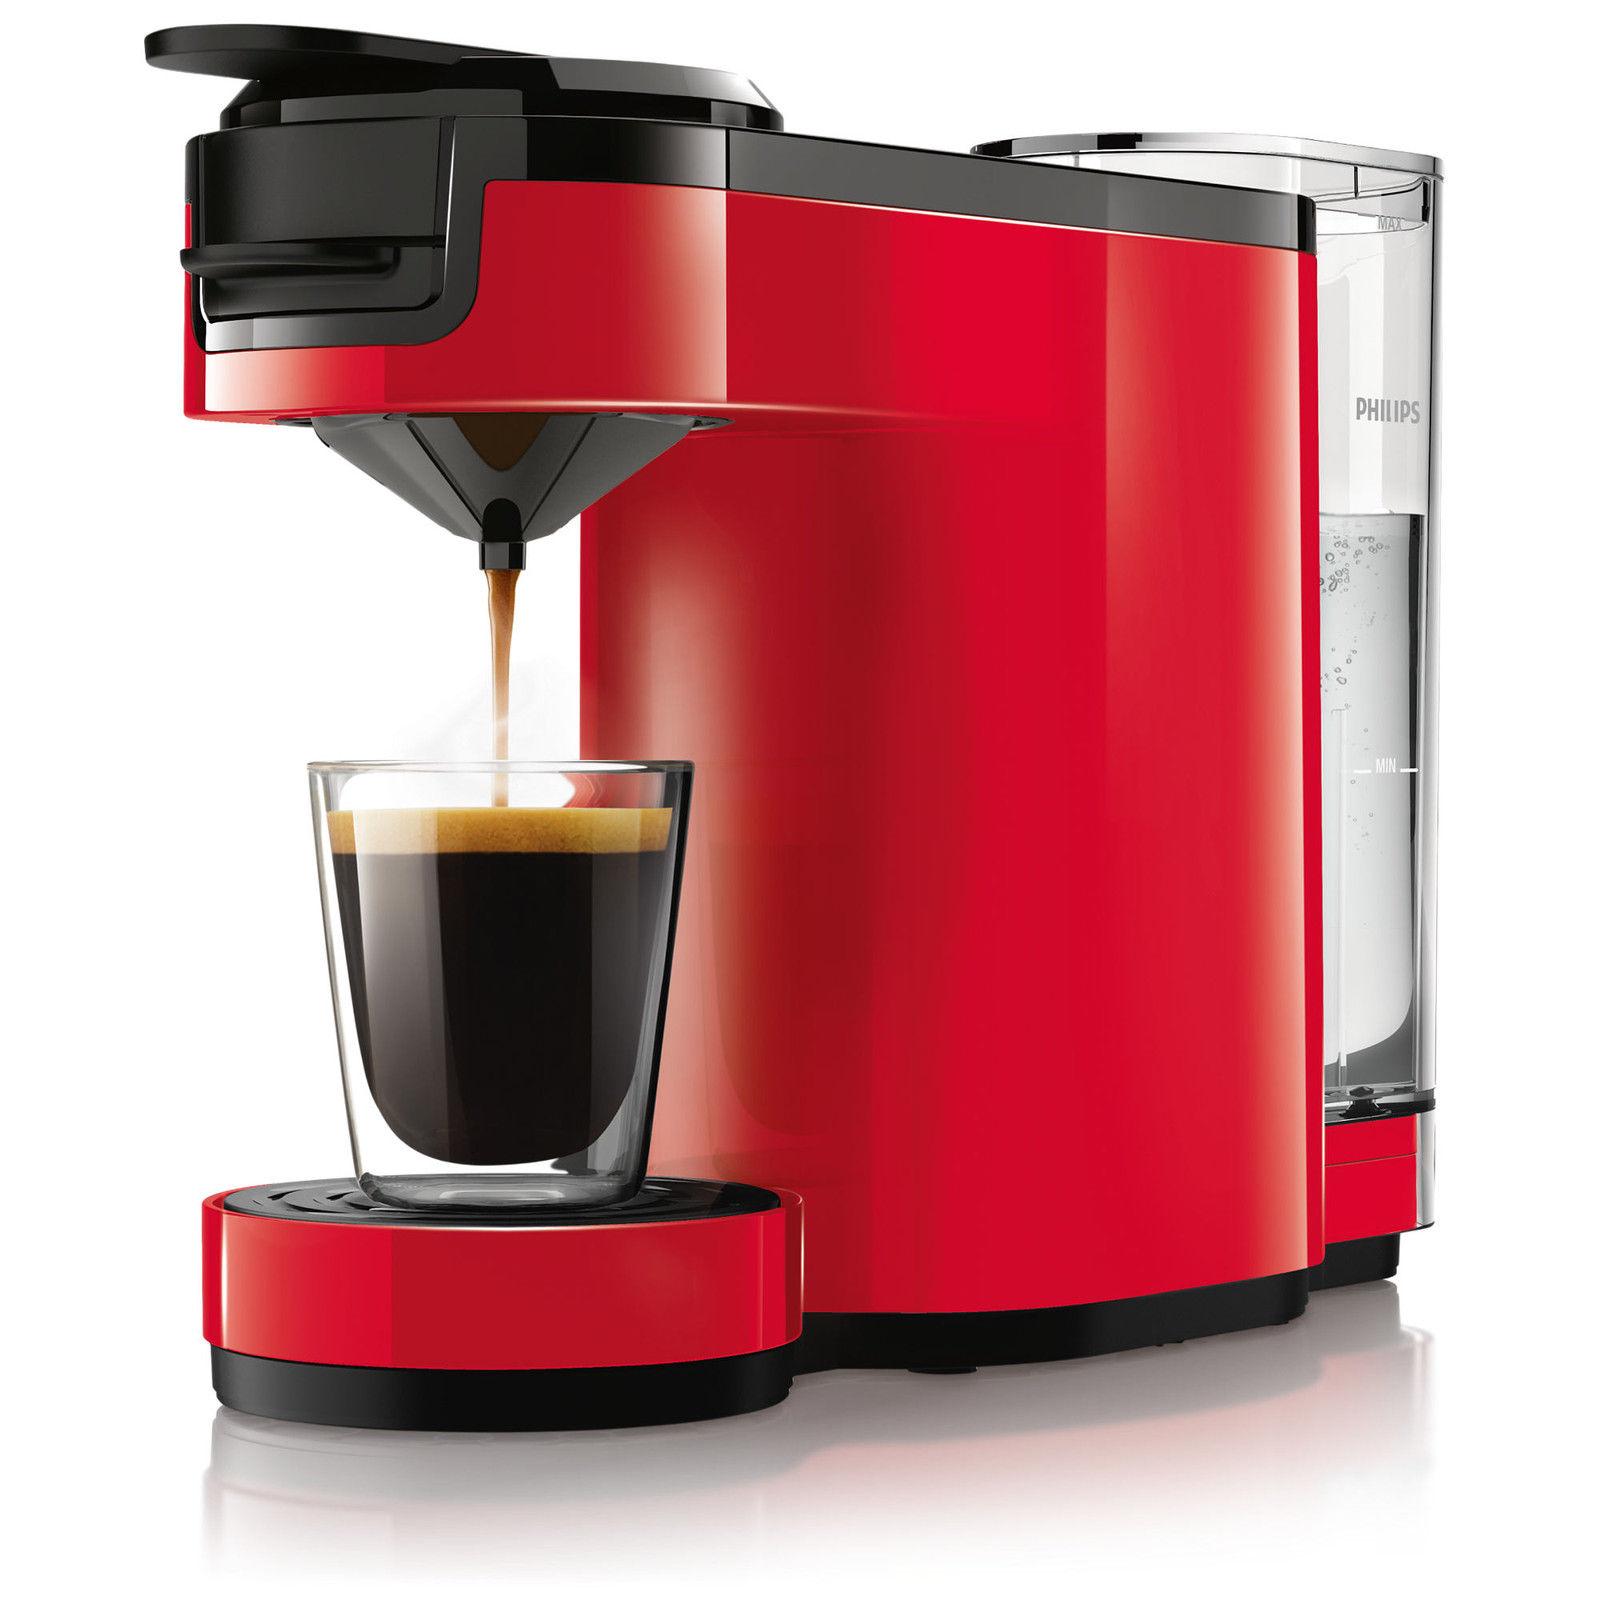 PHILIPS Senseo Up HD7880/80 Kaffeepadmaschine von 109,99€ auf 49,99€